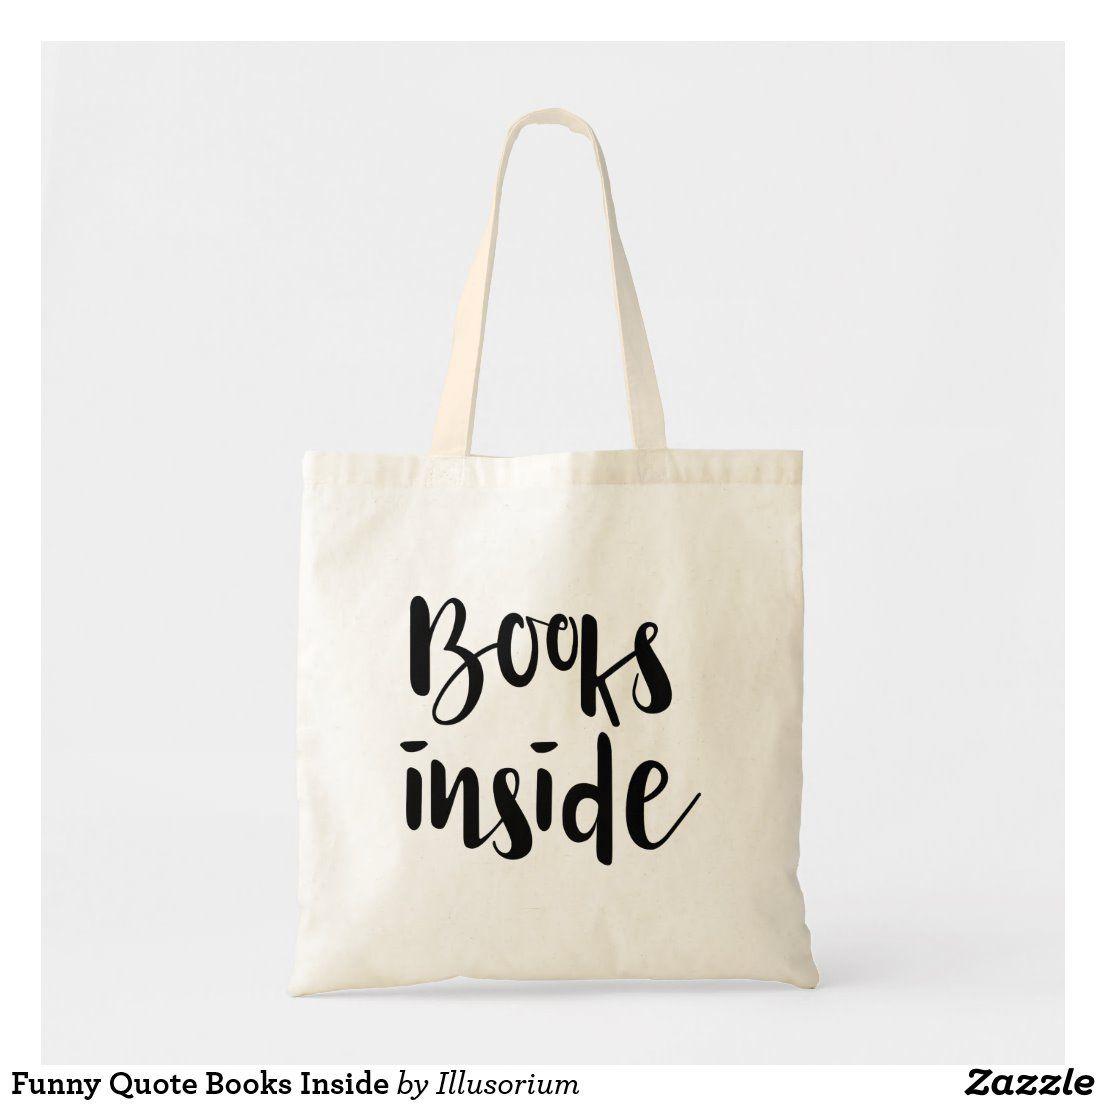 Funny Quote Books Inside Tote Bag Zazzle Com Book Tote Bag Quote Tote Bag Funny Tote Bags